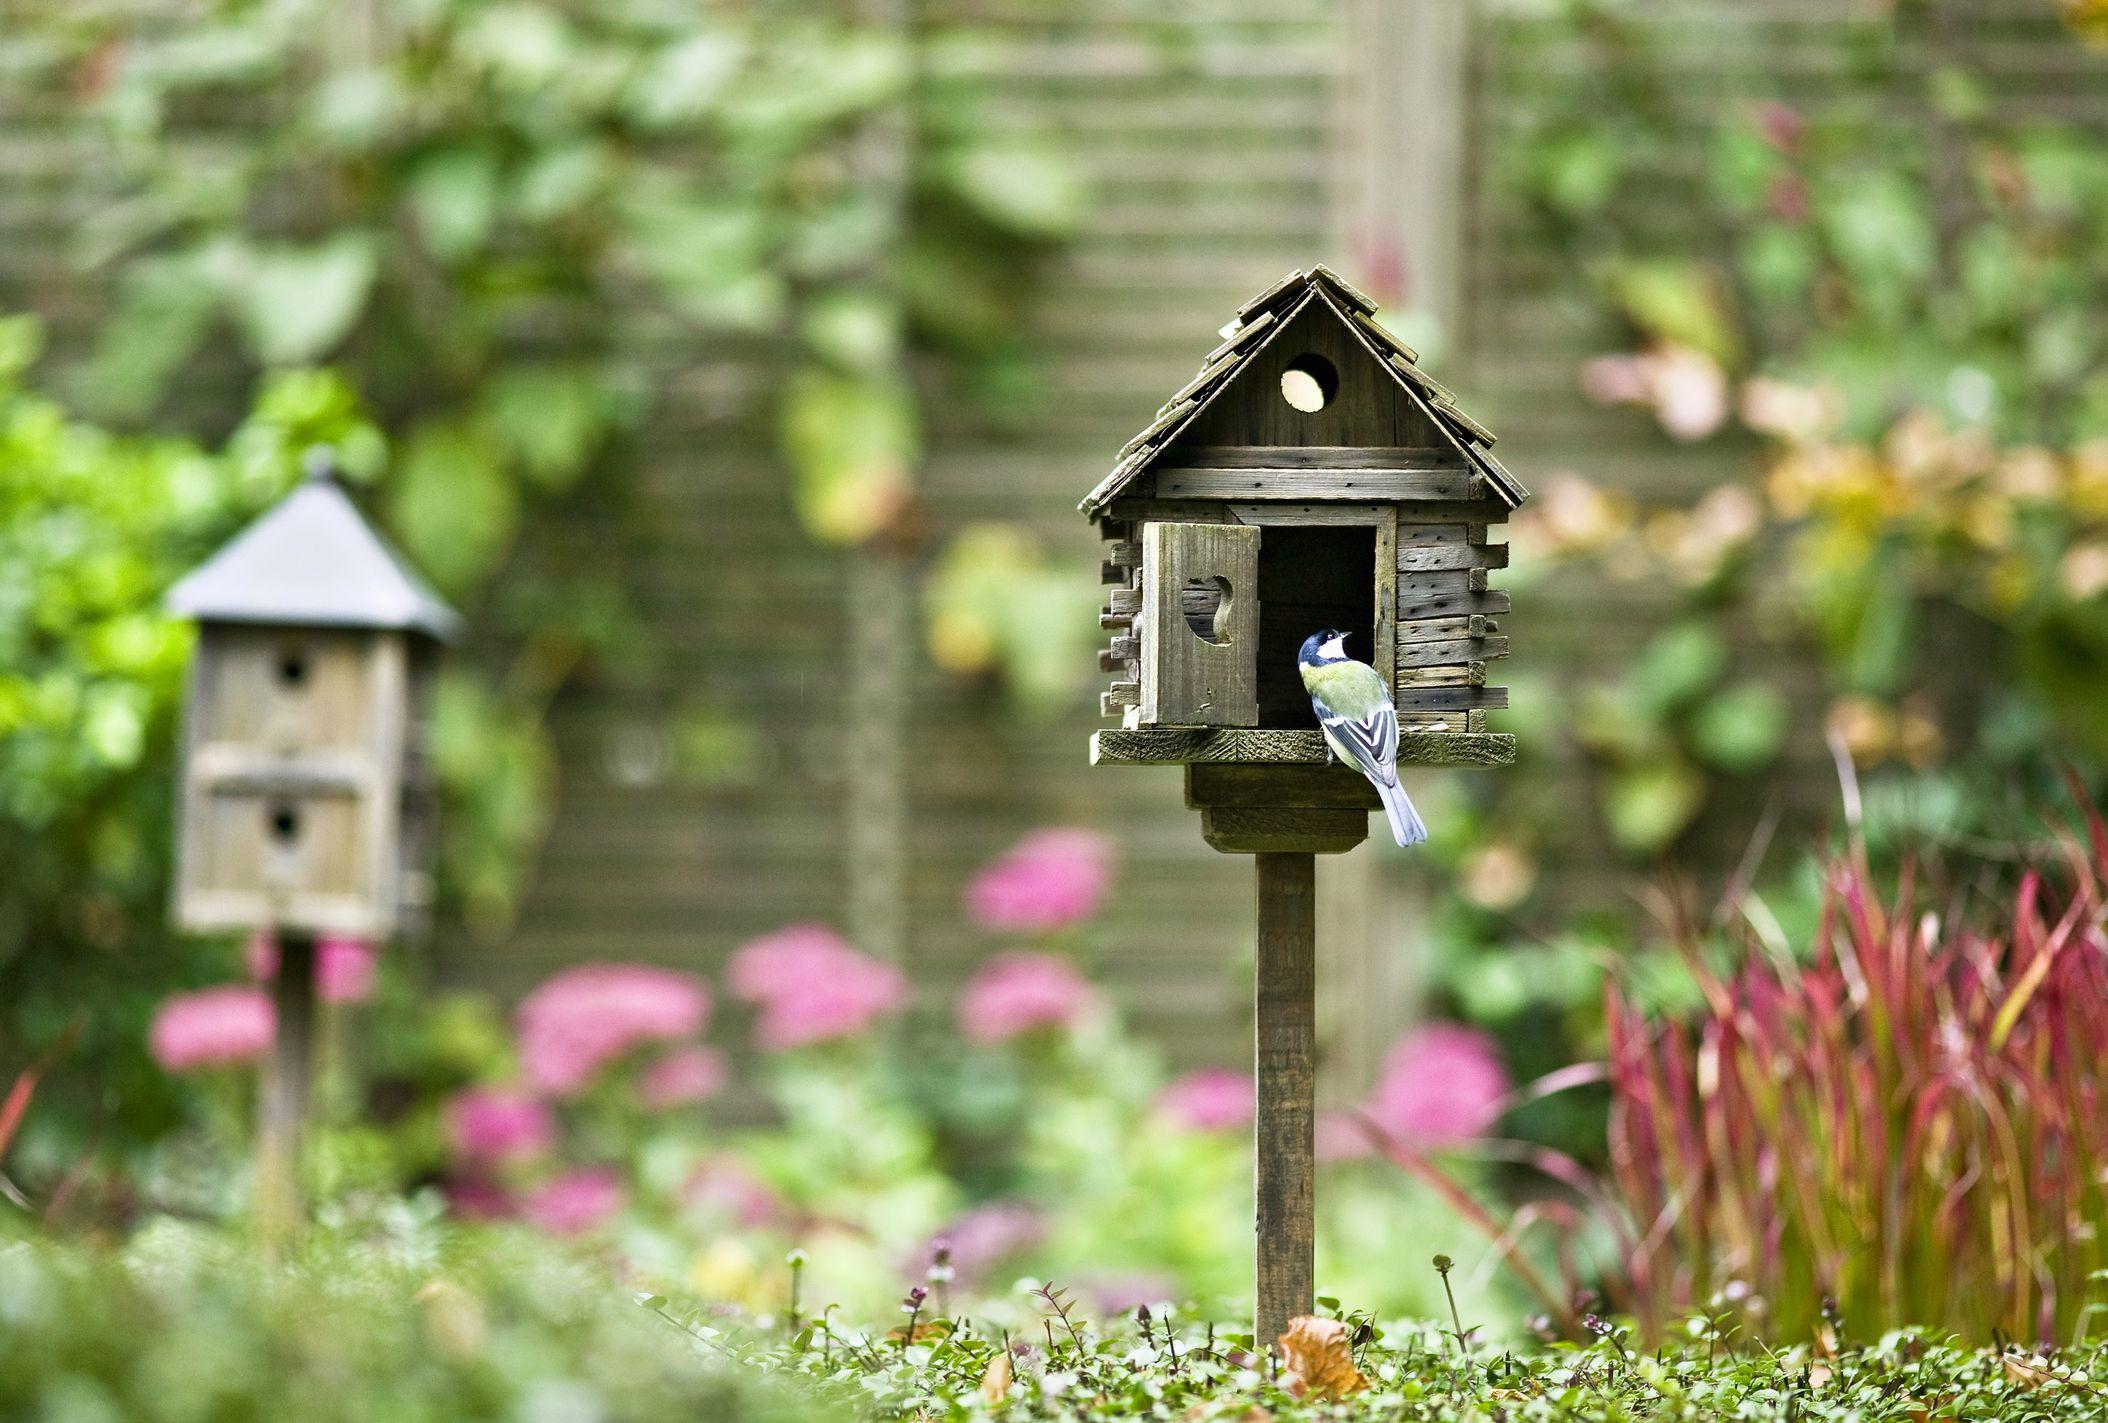 photo bird pictures view free image feeder public stock en garden domain